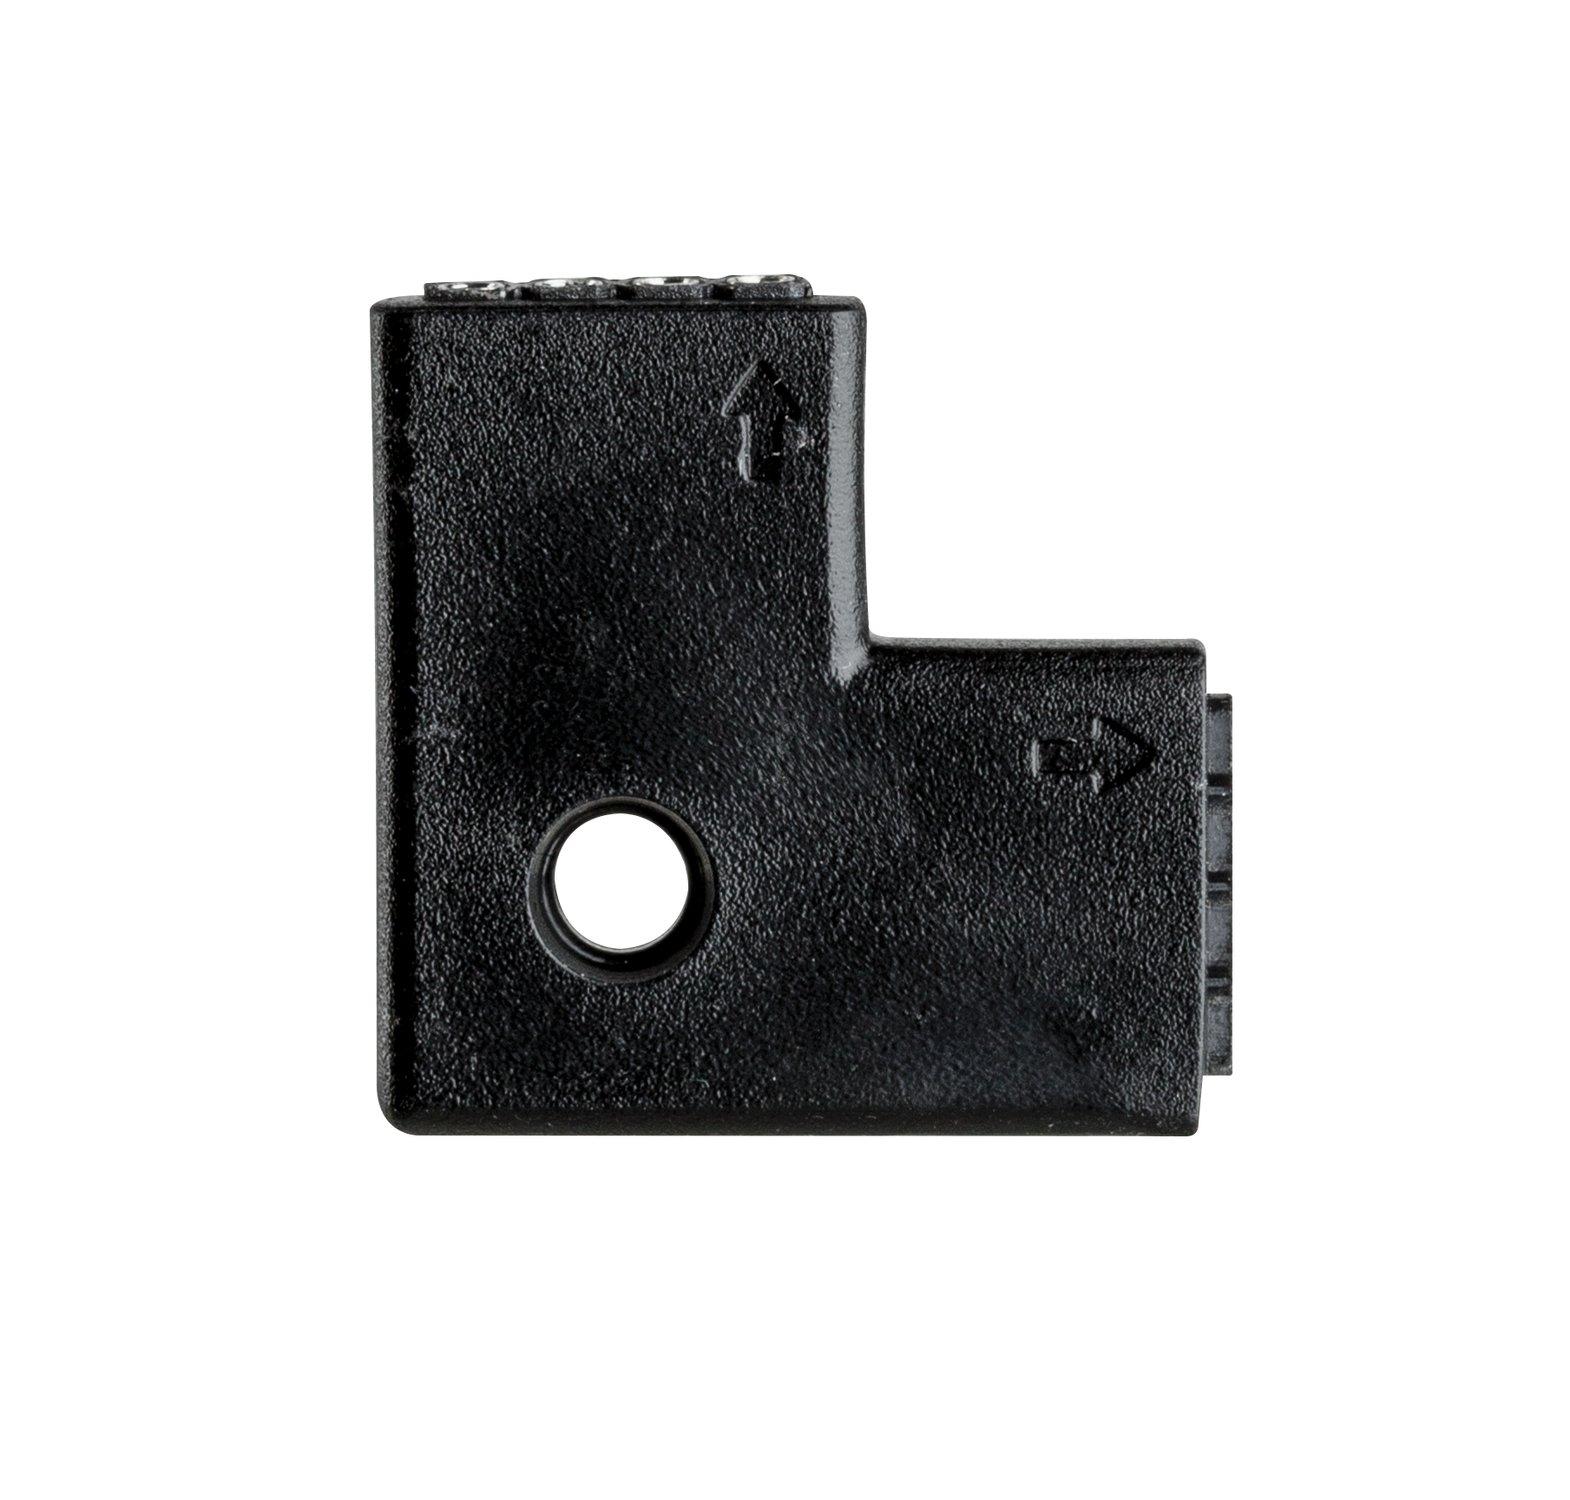 YourLED Verbindingen Hoekstuk 23x23mm max. 60W Wit/Zwart